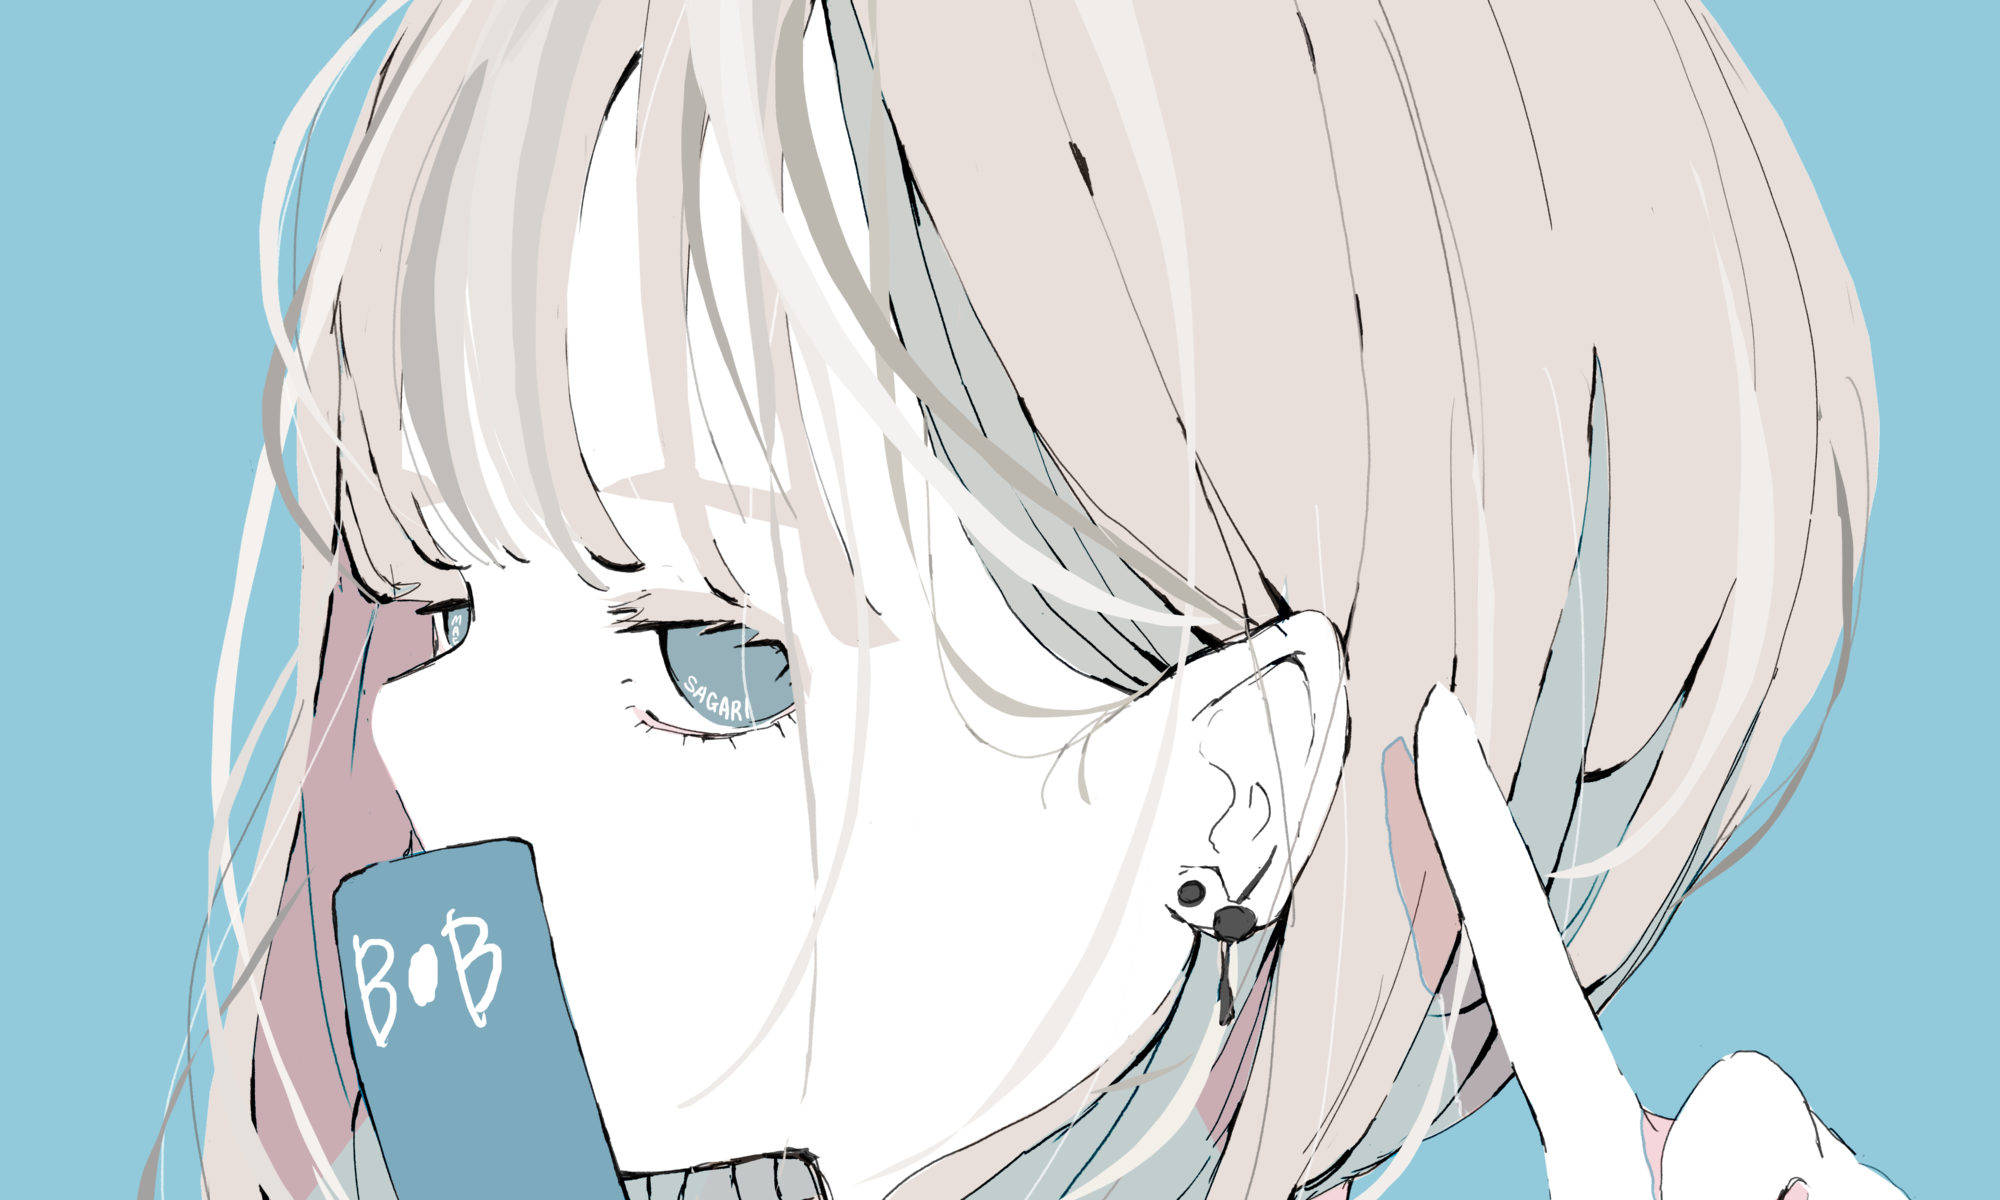 ボブの女の子のイラスト/フリーアイコン